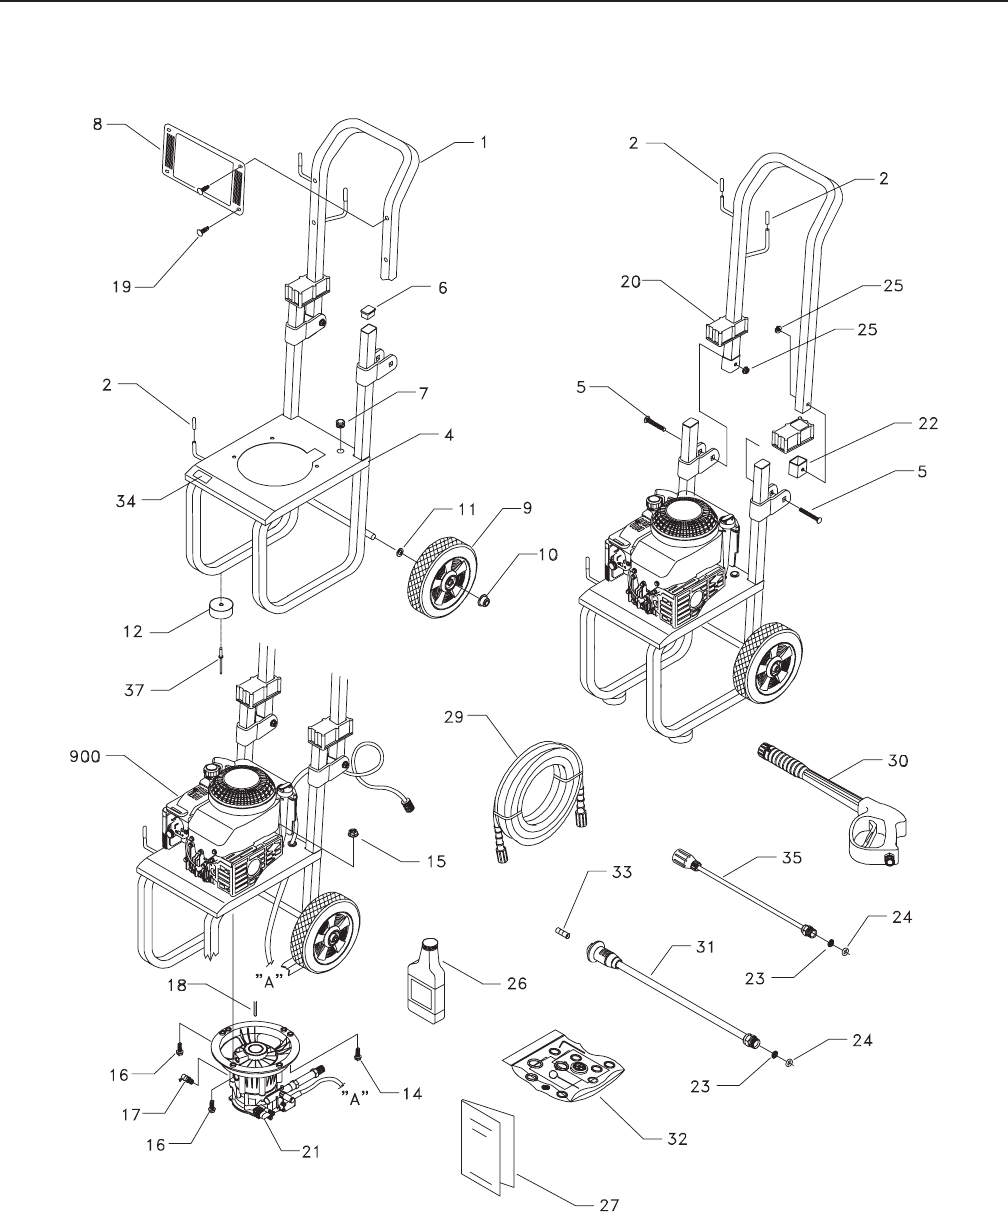 Briggs stratton pressure washer 01811 0 user guide